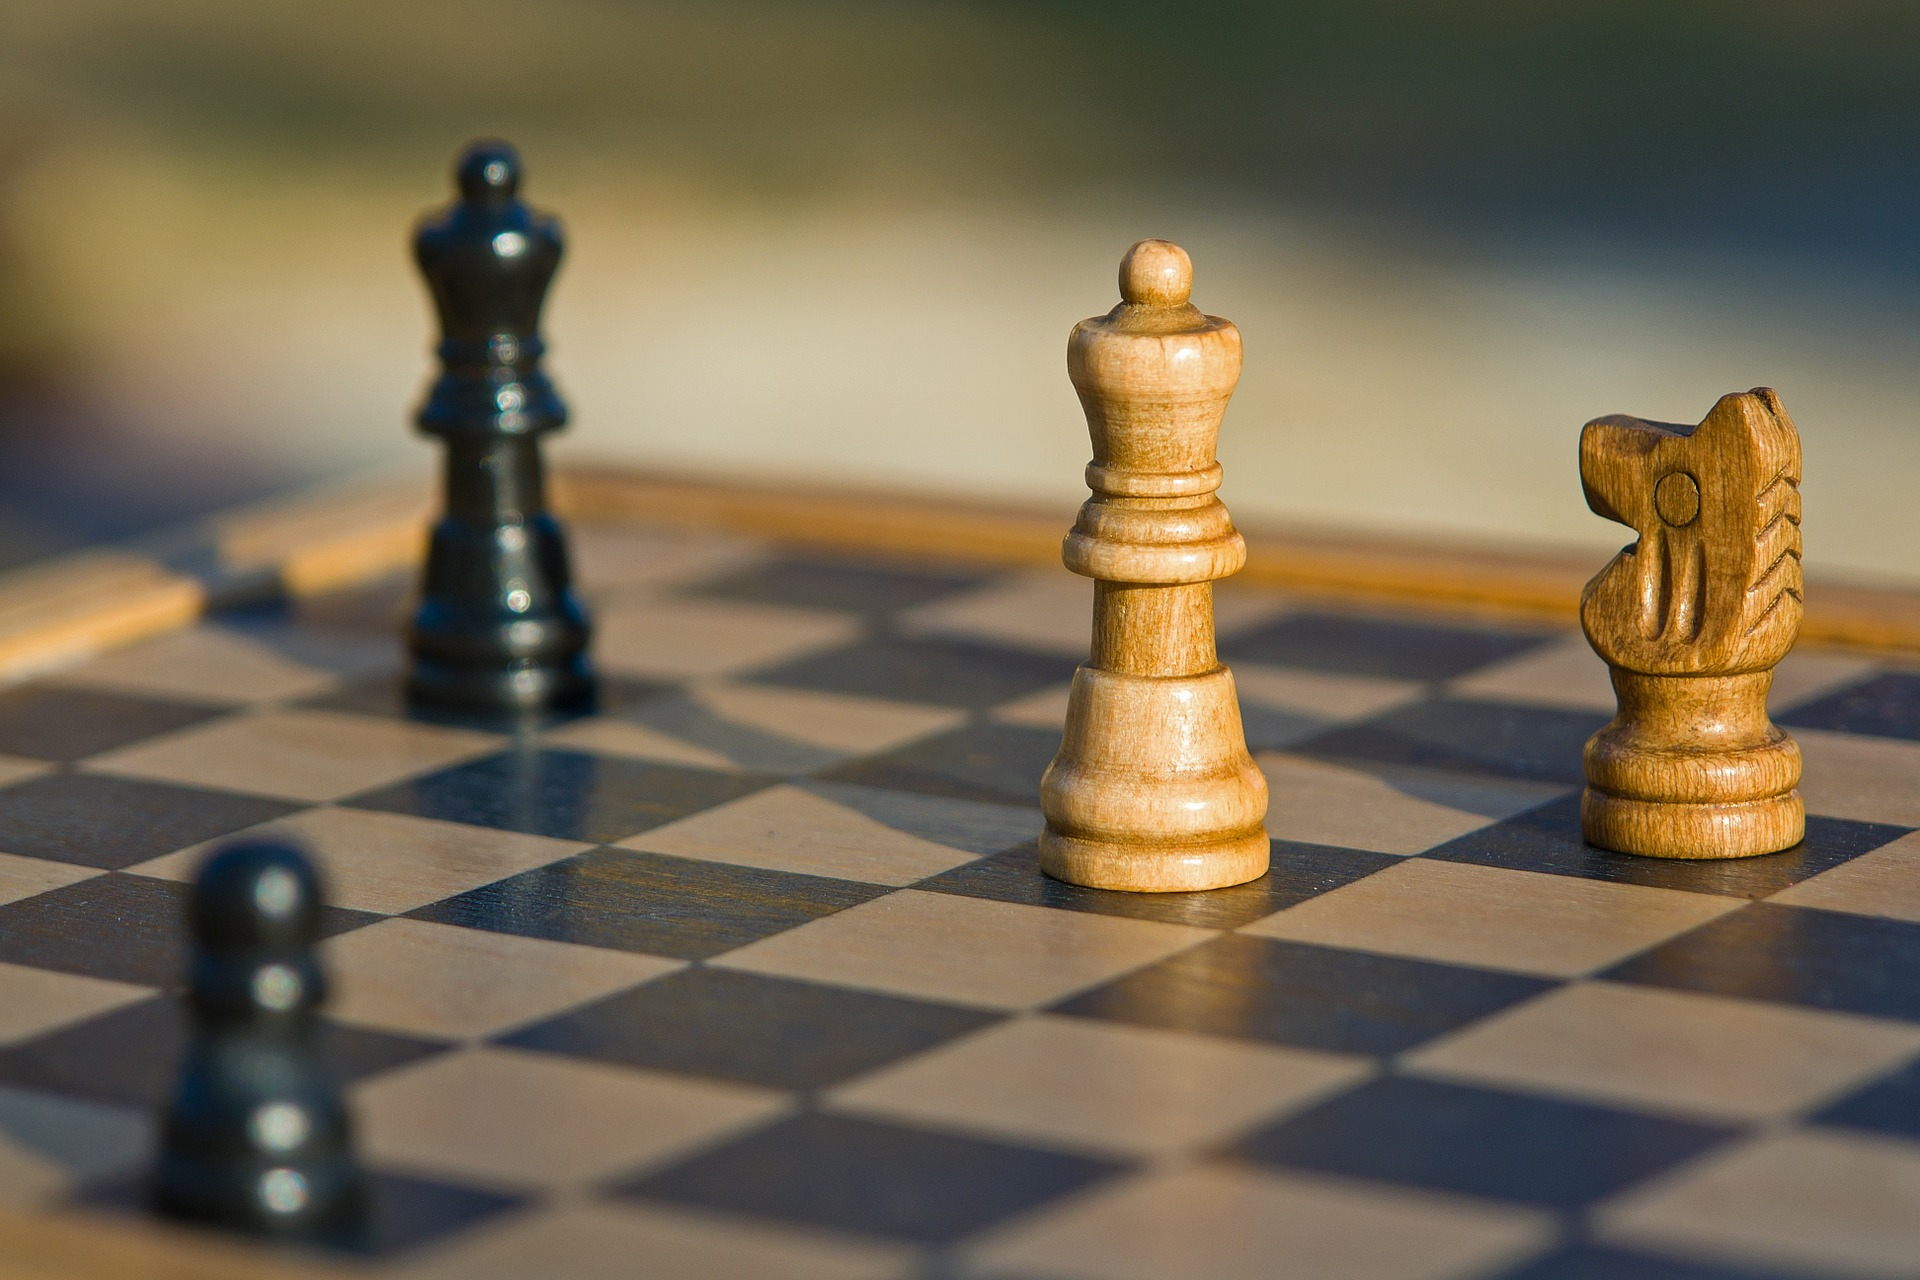 Jeu d'échecs, Conseil d'administration, onglets, stratégie, Jeux de société - Fonds d'écran HD - Professor-falken.com